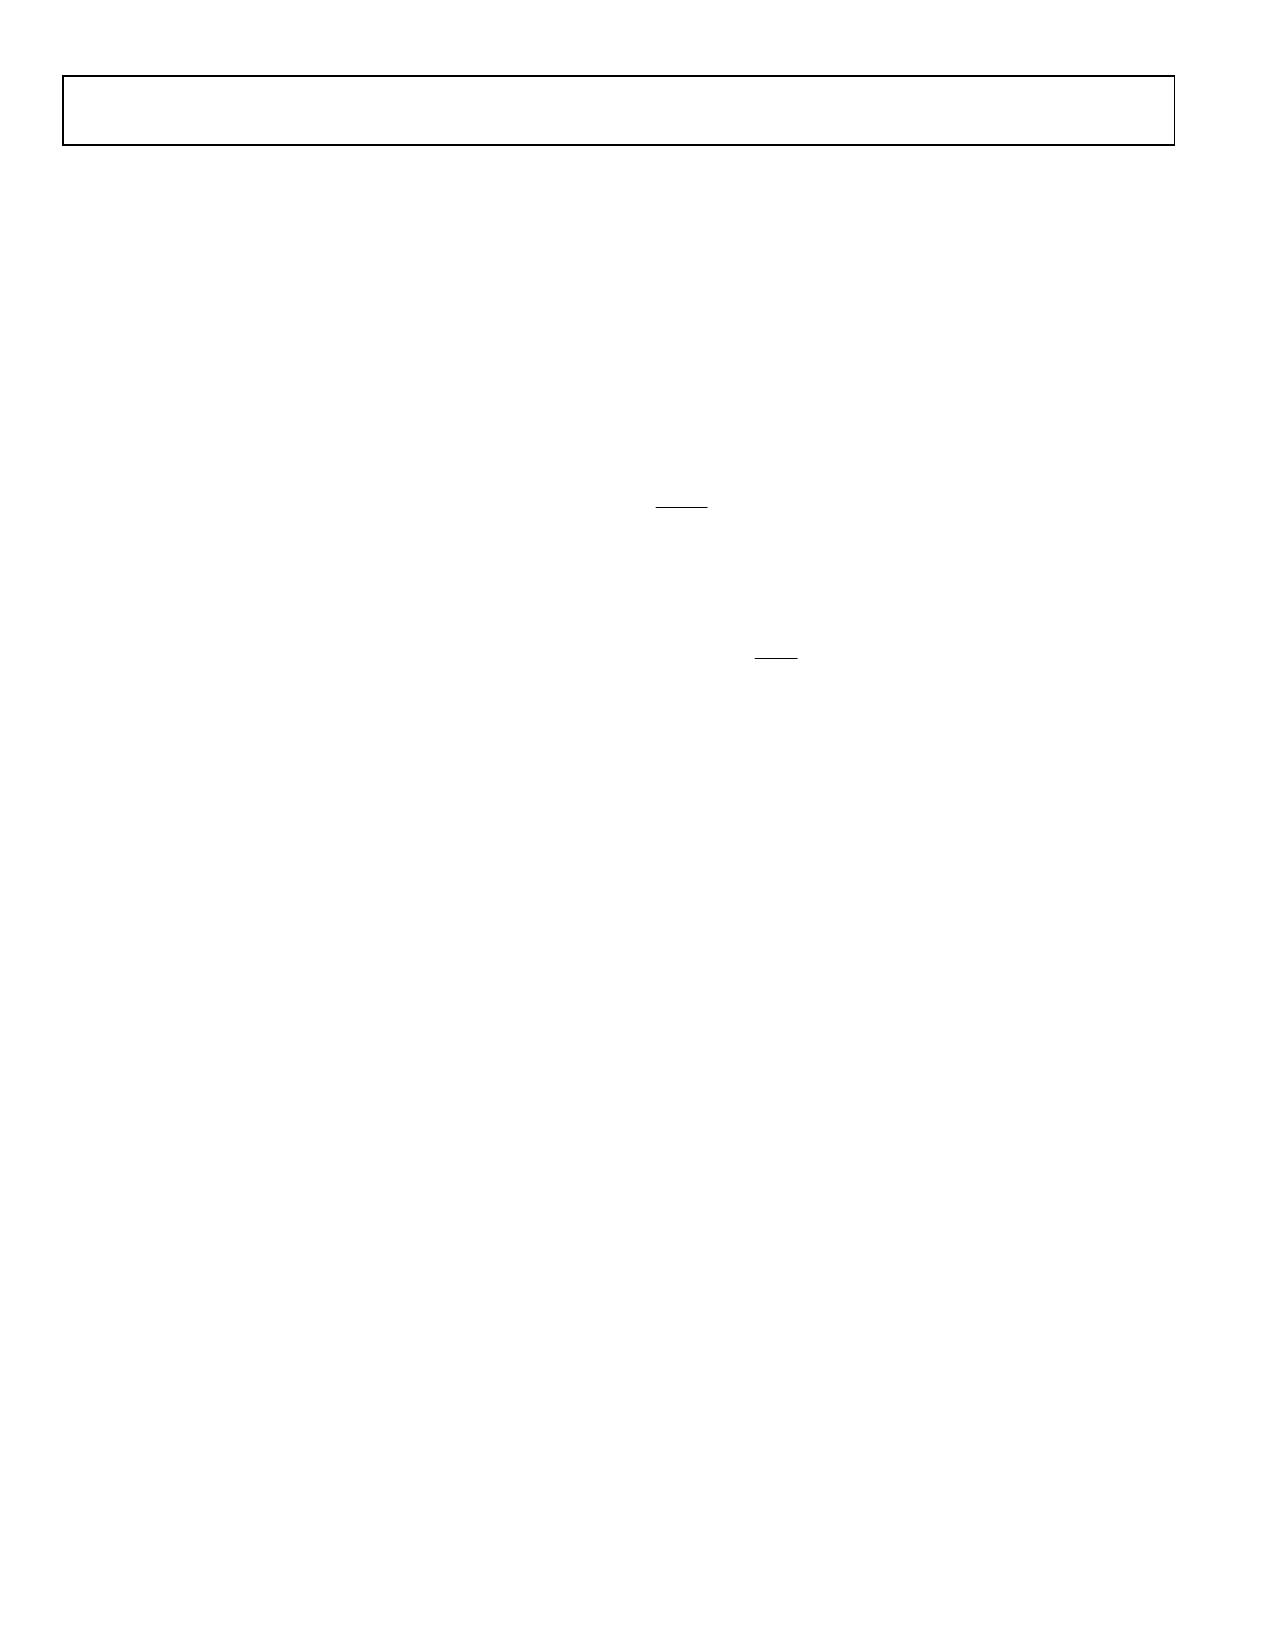 AD5665 Даташит, Описание, Даташиты